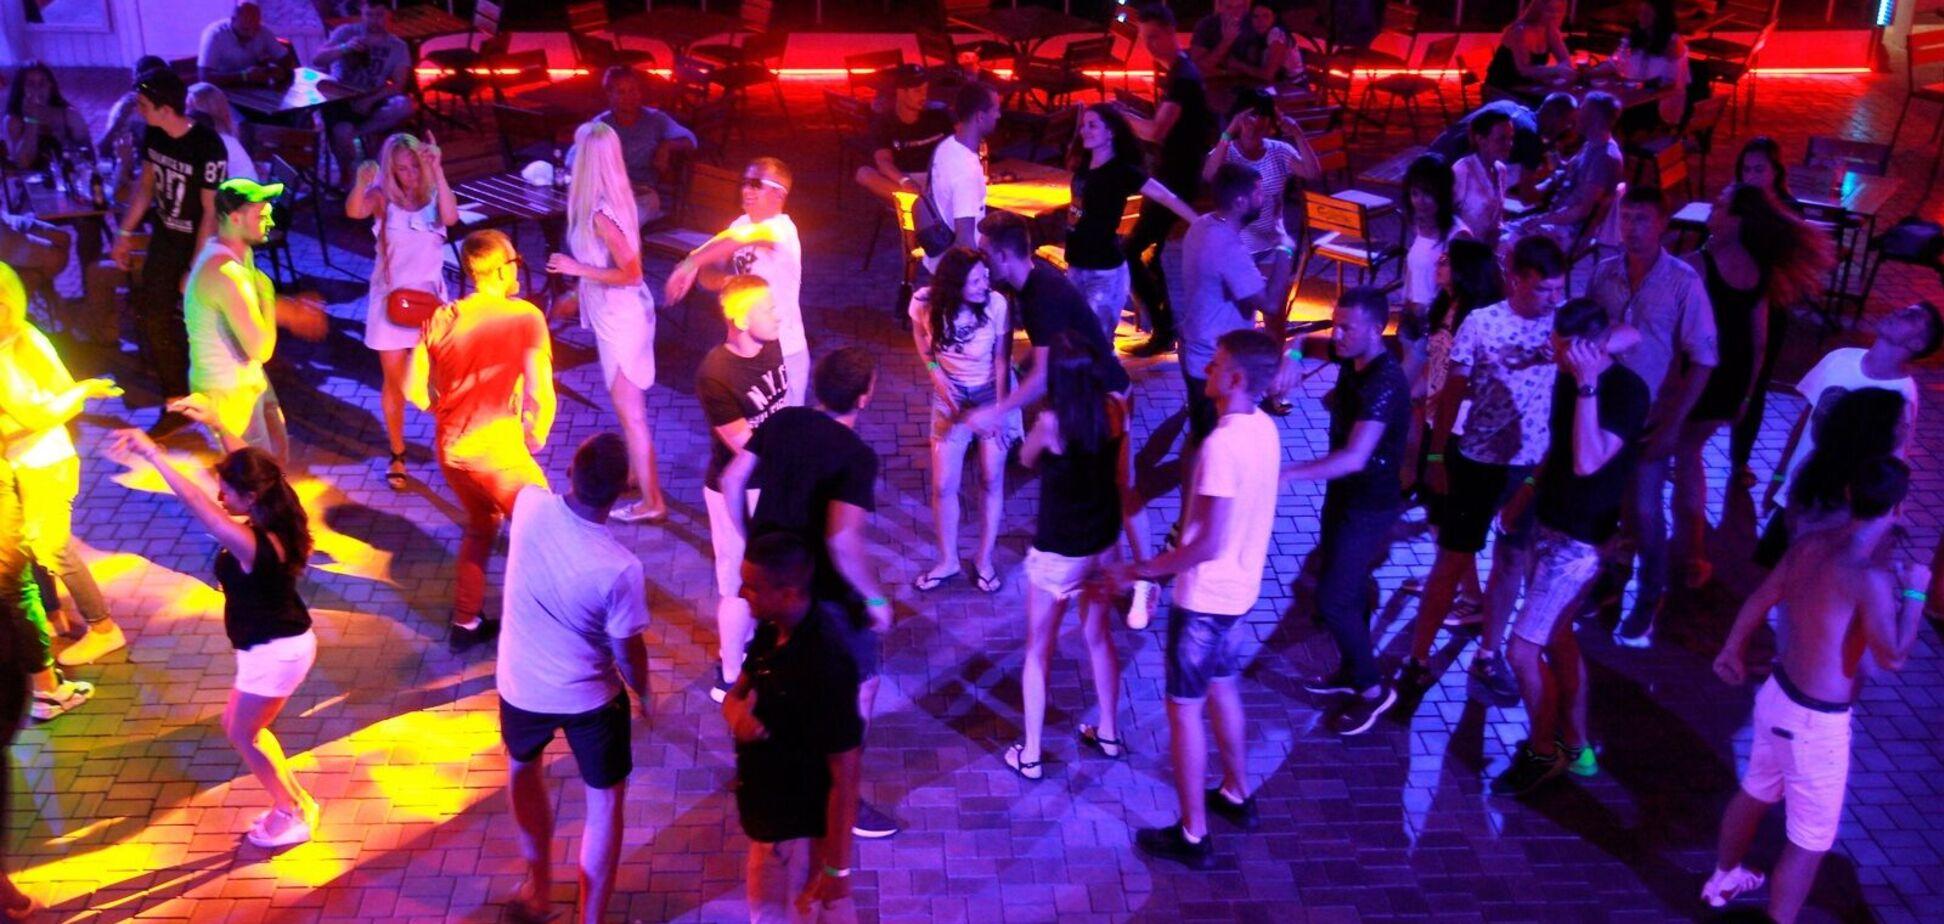 В Кирилловке отдыхающие устроили оргию в конкурсе на самый сексуальный танец. Фото 18+